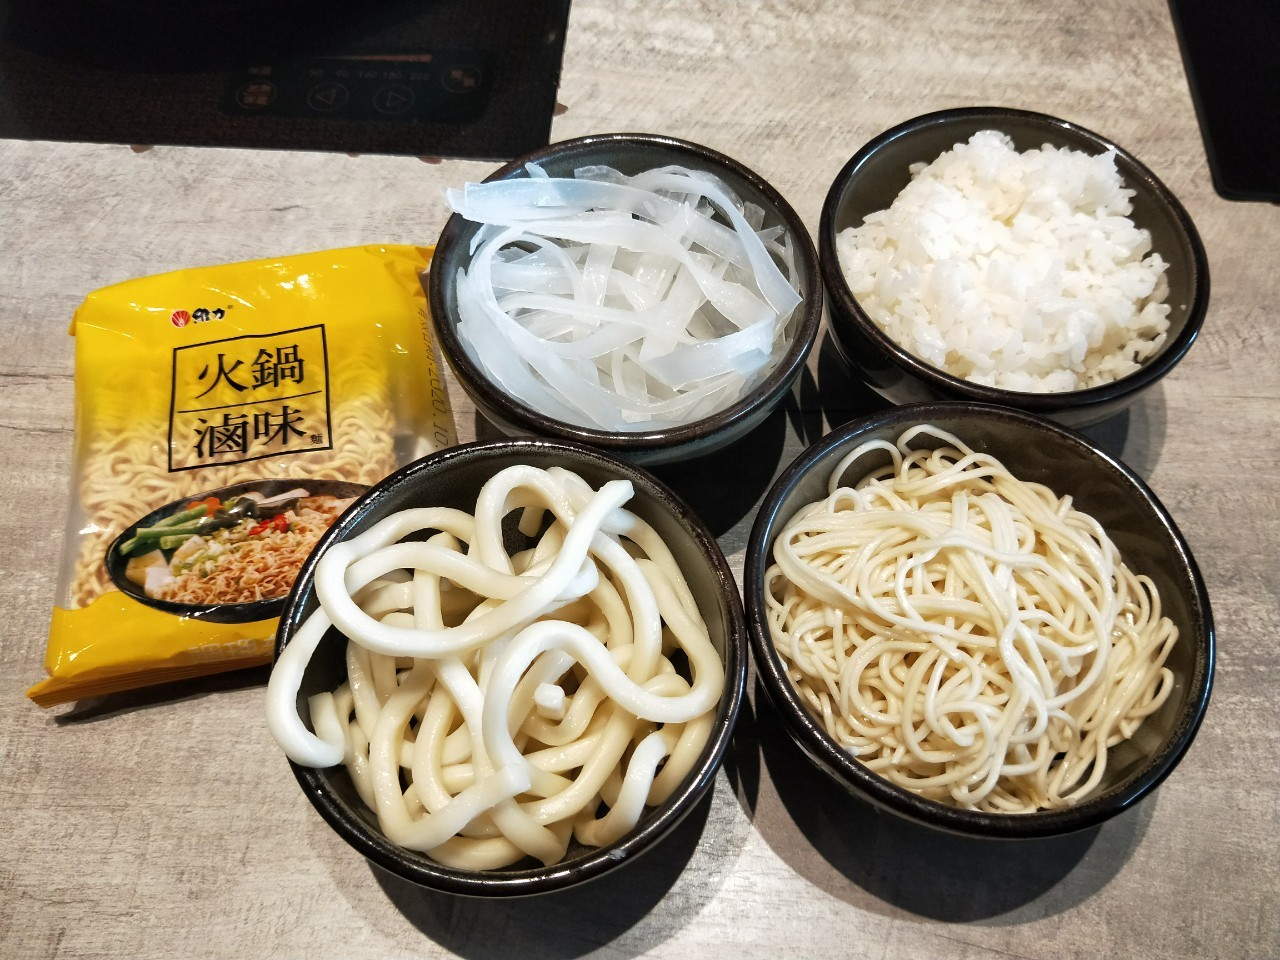 北澤壽喜燒,北澤壽喜燒台中大里店,和牛吃到飽,大里德芳南路美食,日式壽喜燒,sukiyaki